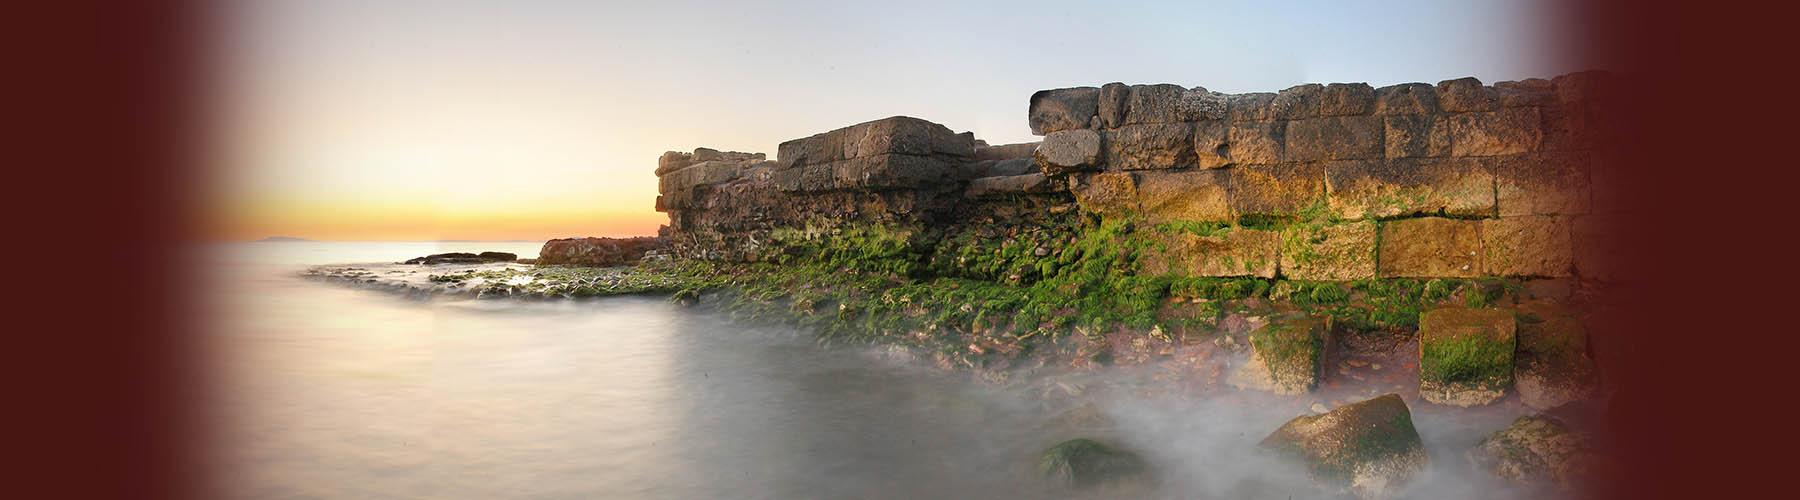 Gravisca – un importante porto etrusco a Tarquinia